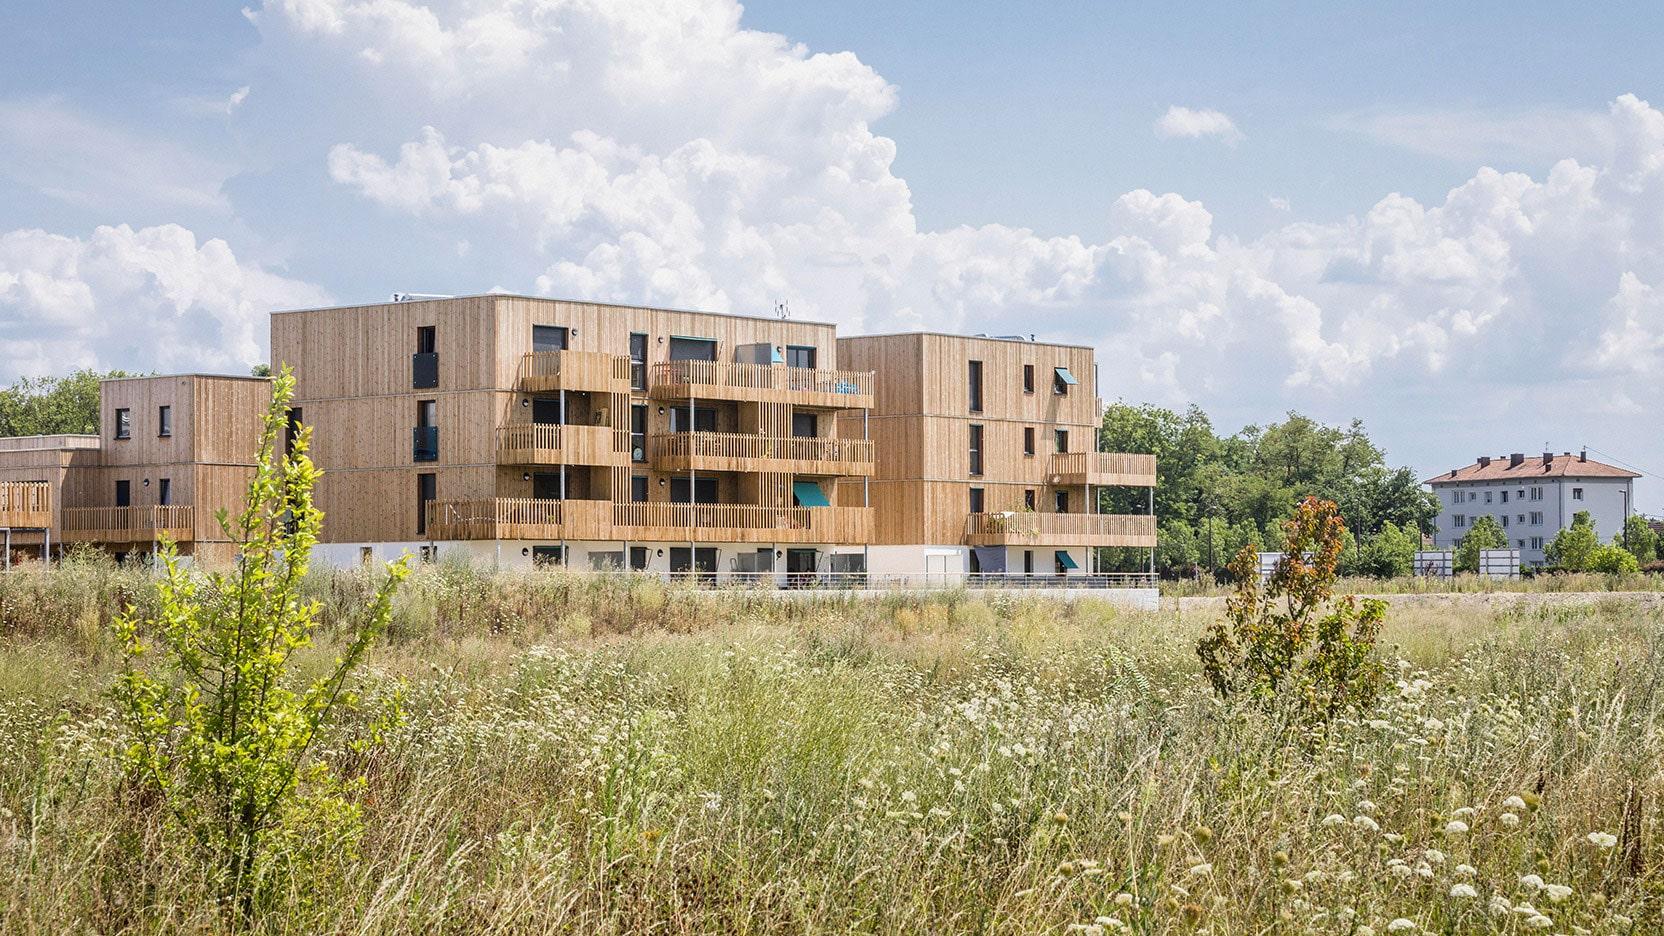 Maisons individuelles groupées en bois